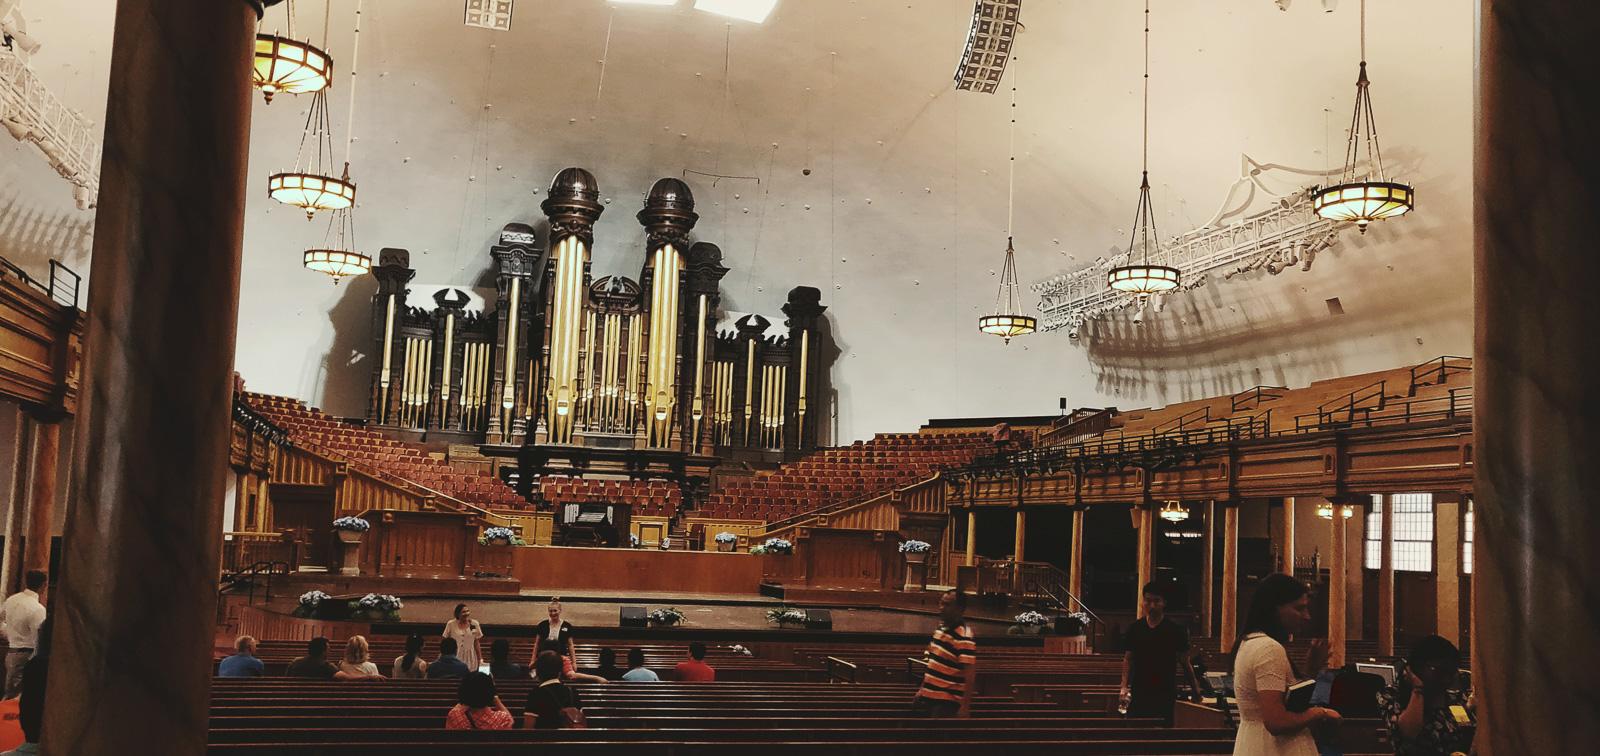 orgue du tabernacle mormon